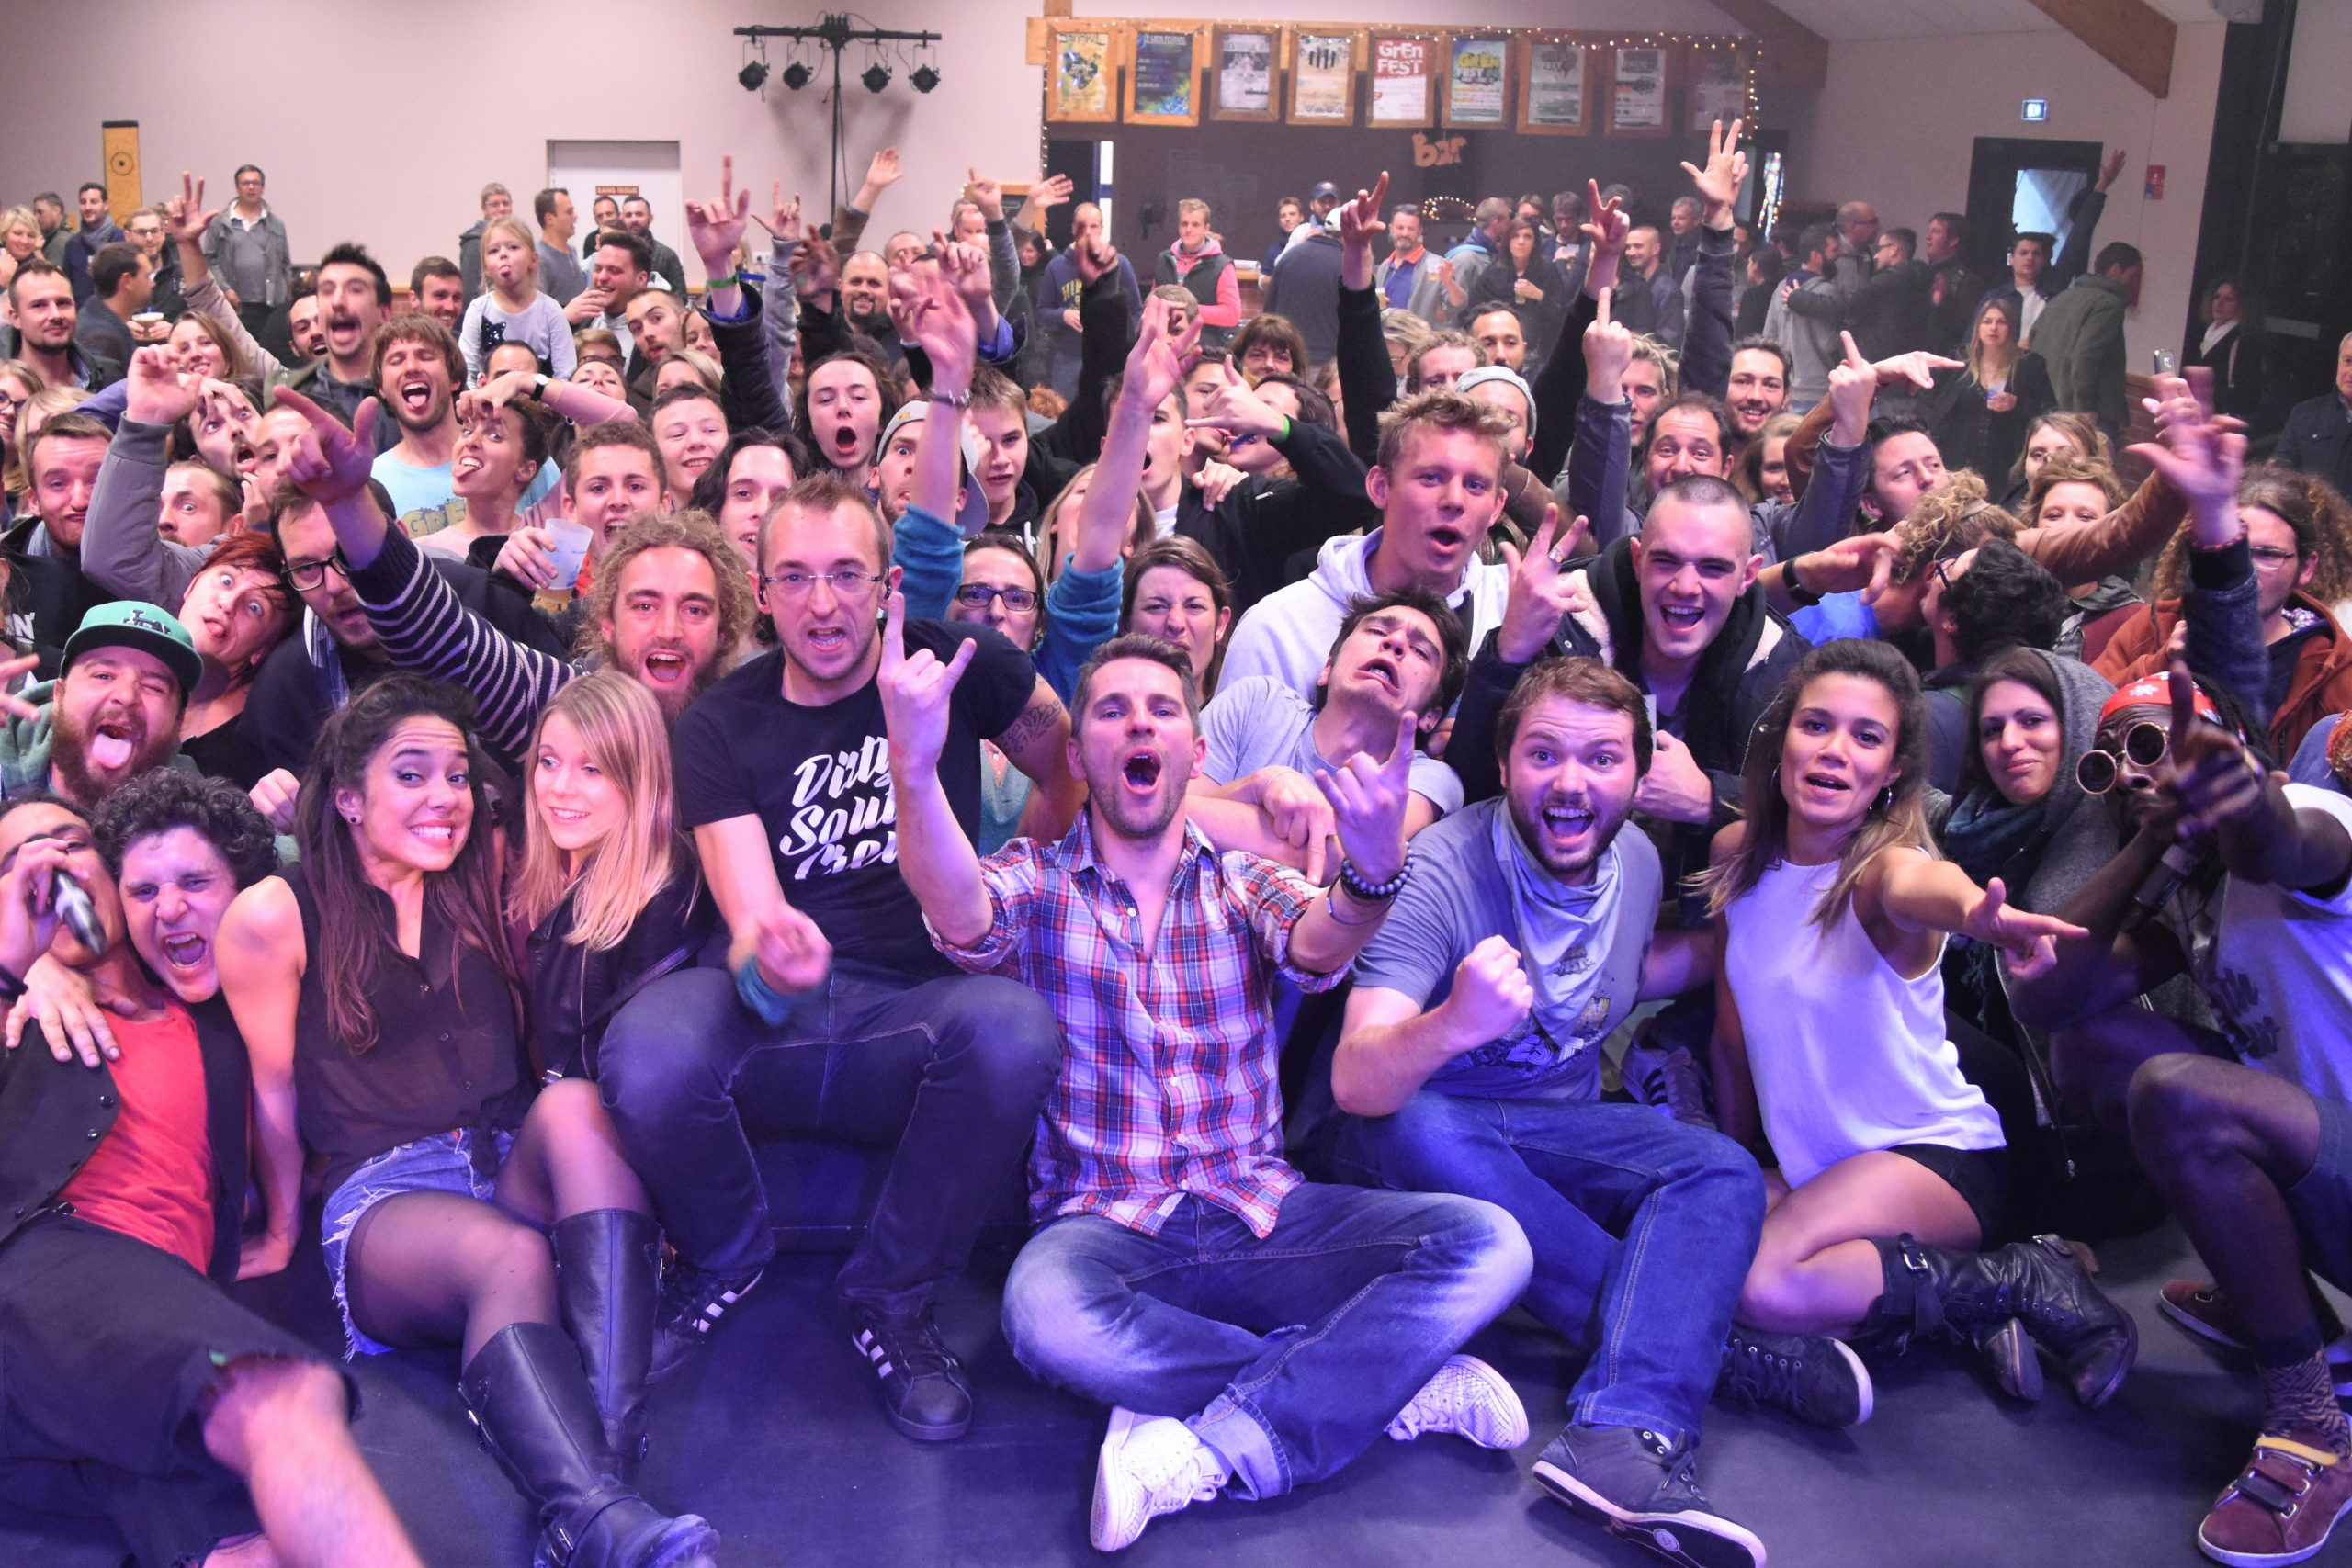 Musique, rire et ripaille : le GrEn Festival célèbre son dixième anniversaire